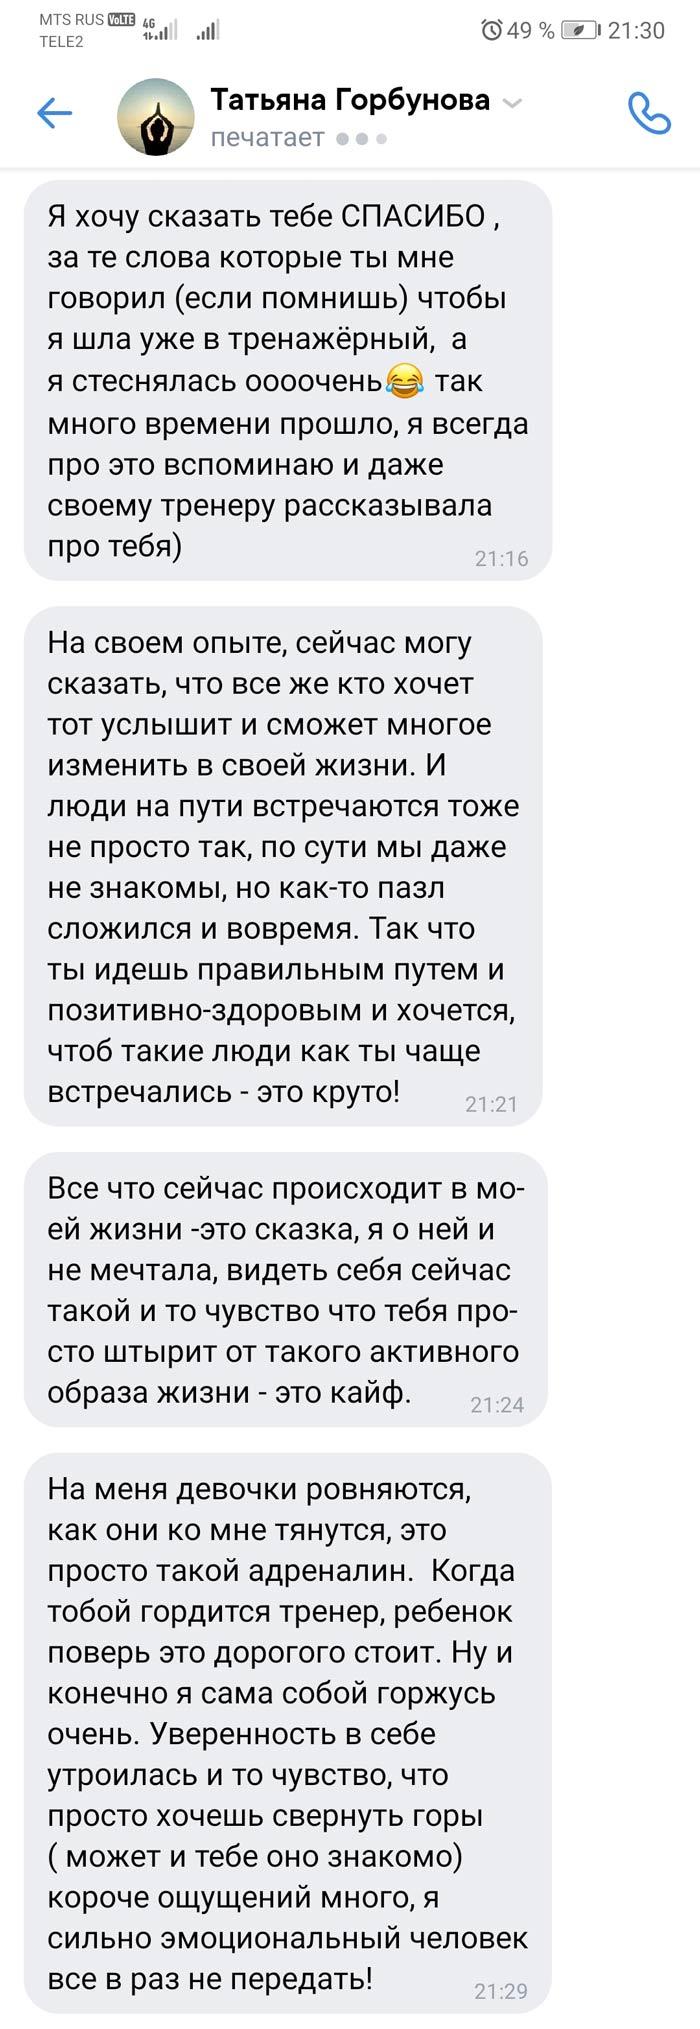 Отзыв Татьяны 2020